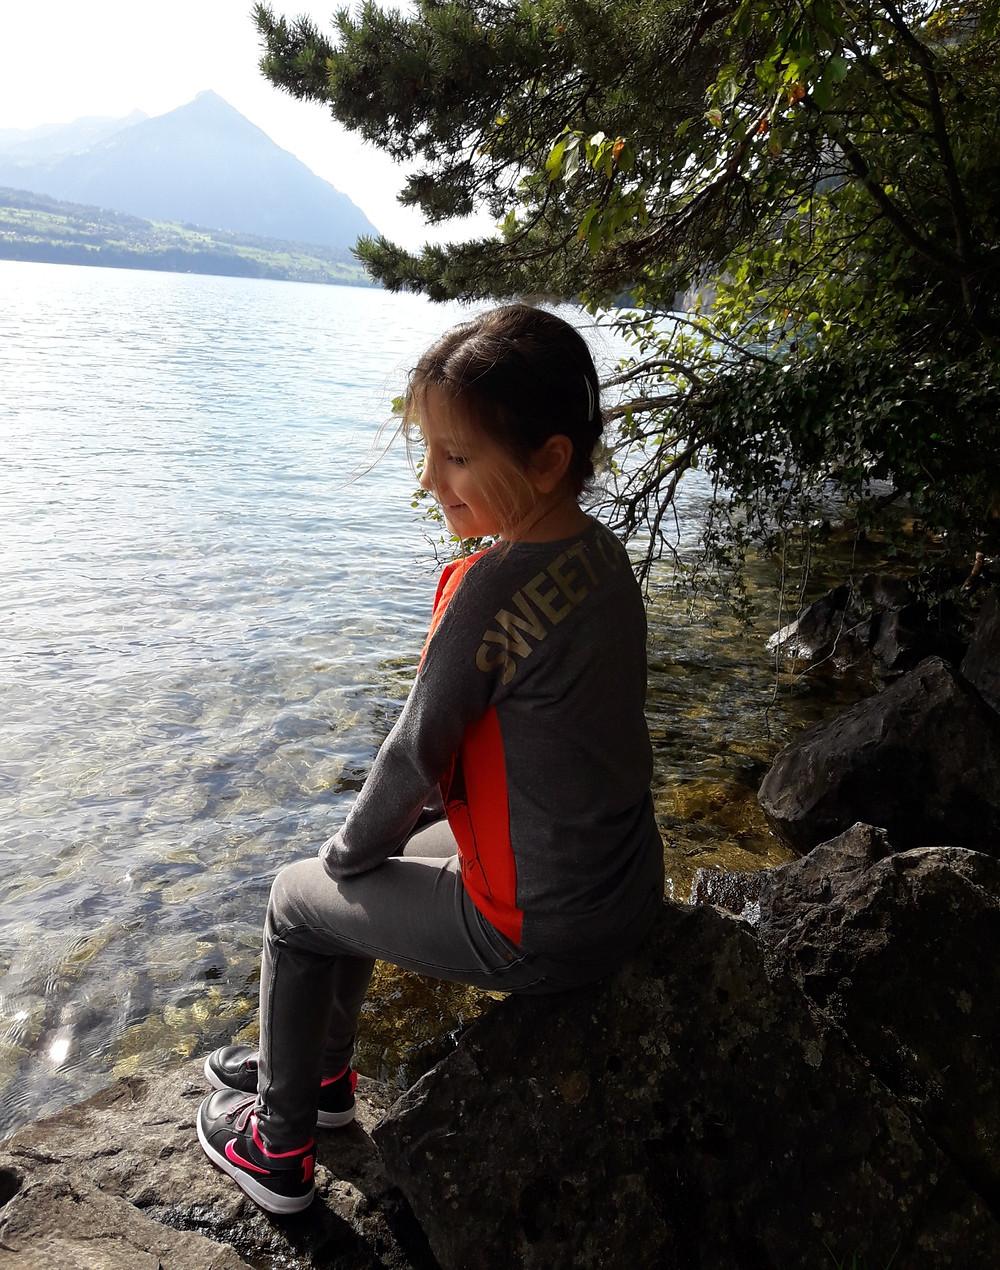 אגם תון, שווייץ, ליהיא בן שבת